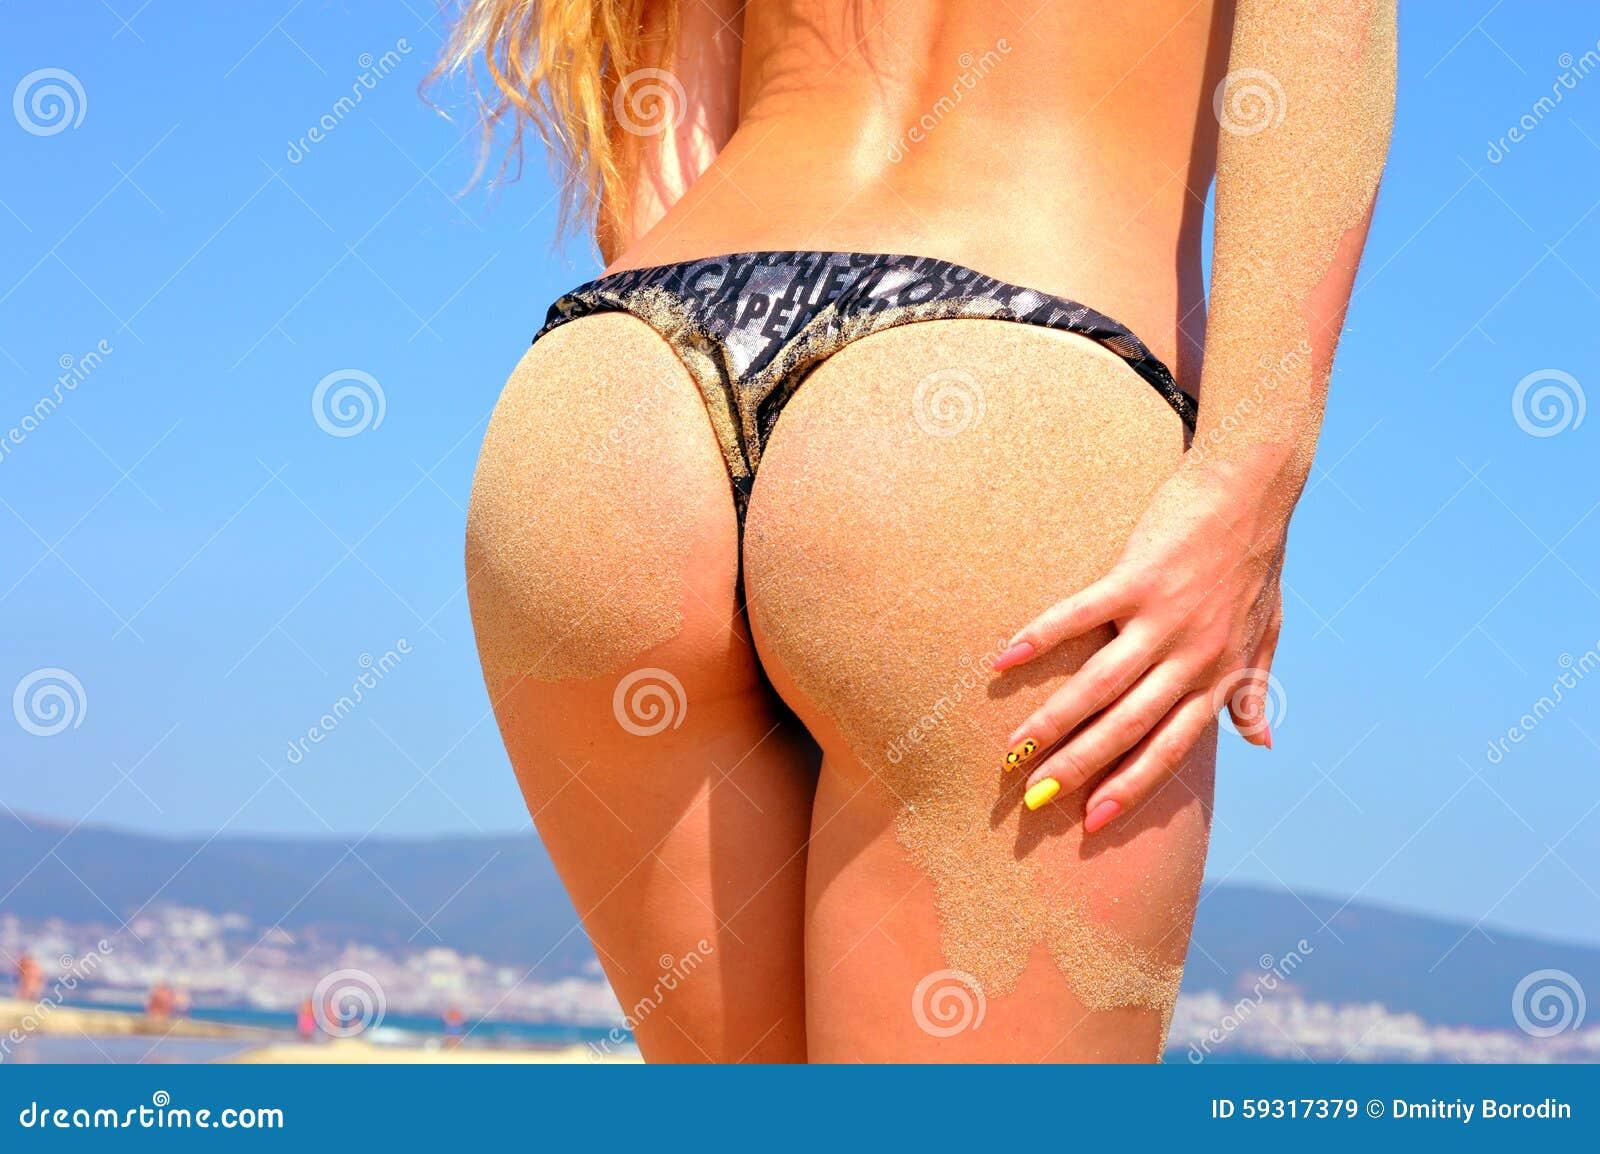 Fesses de plage bikini